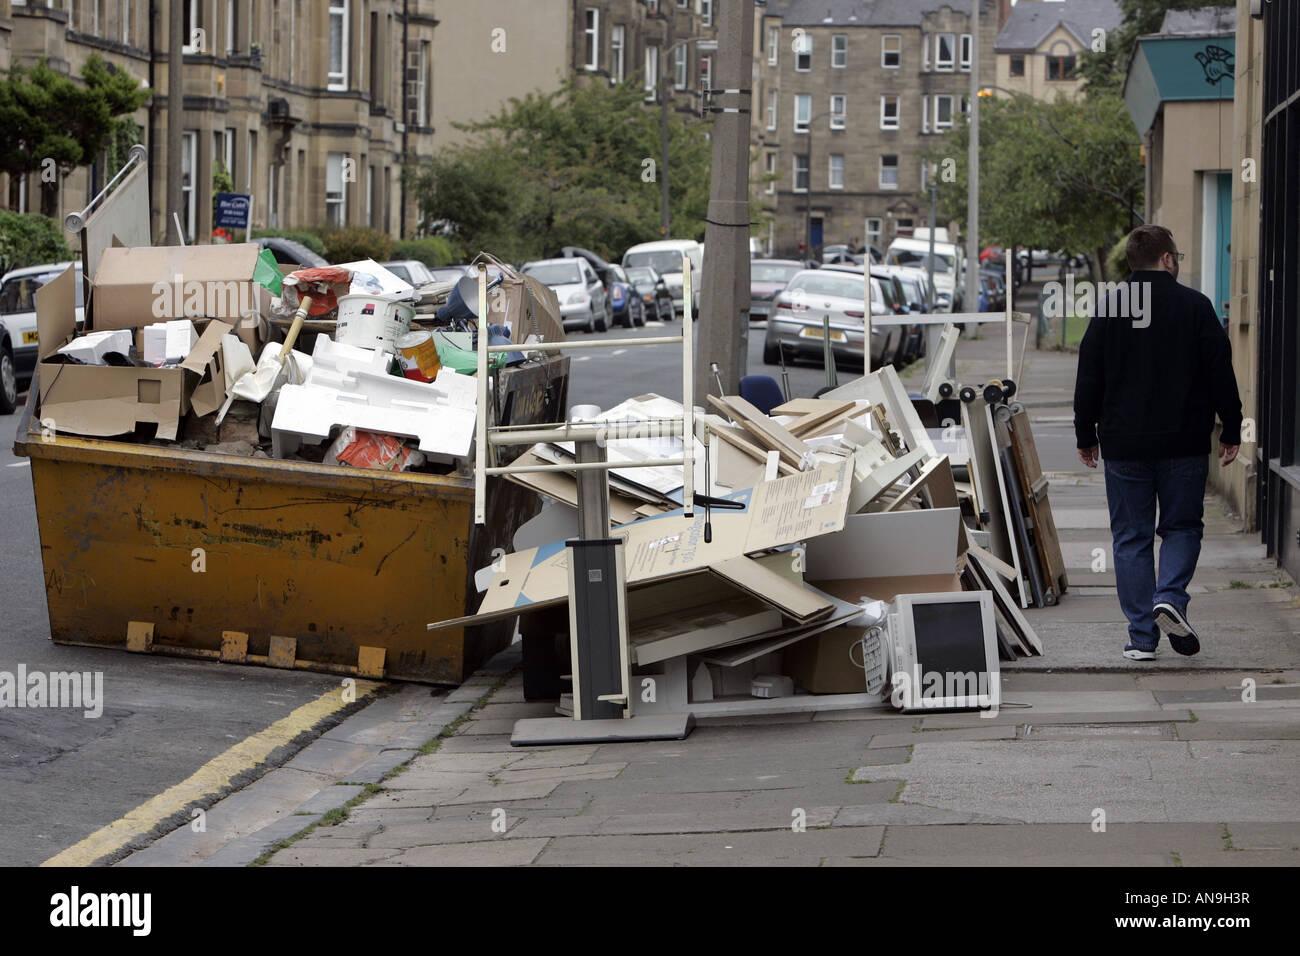 Un homme PASSE UNE SKIP TO FULL ET PLUS ruisselant de jeter le matériel de bureau. Photo Stock